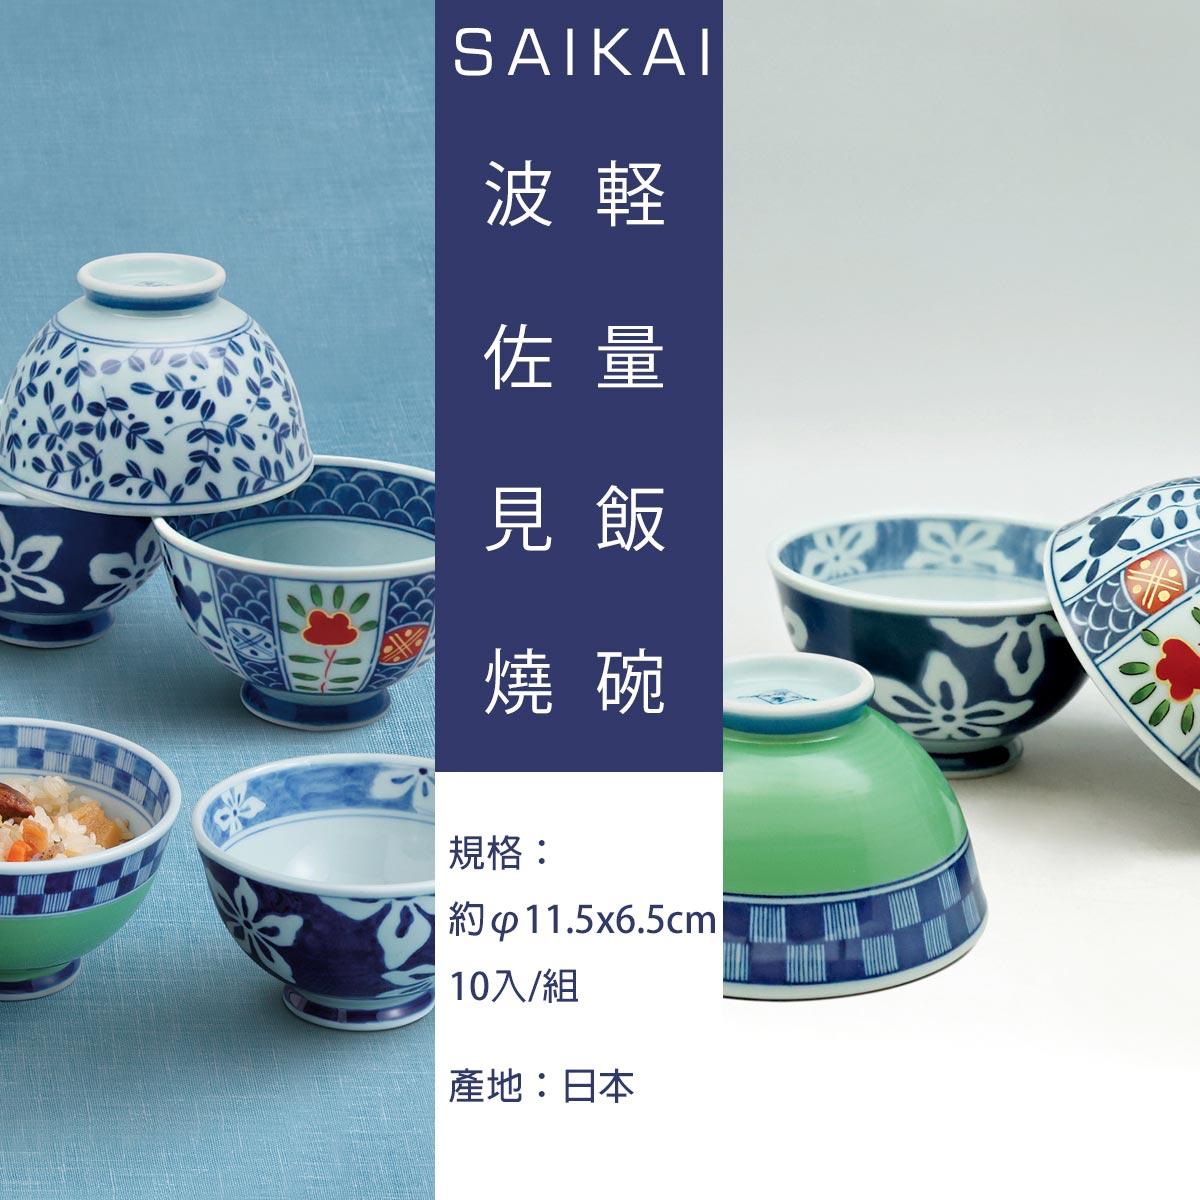 日本製輕量飯碗,產品規格 約11.5*6.5公分,10入/組,產地日本.